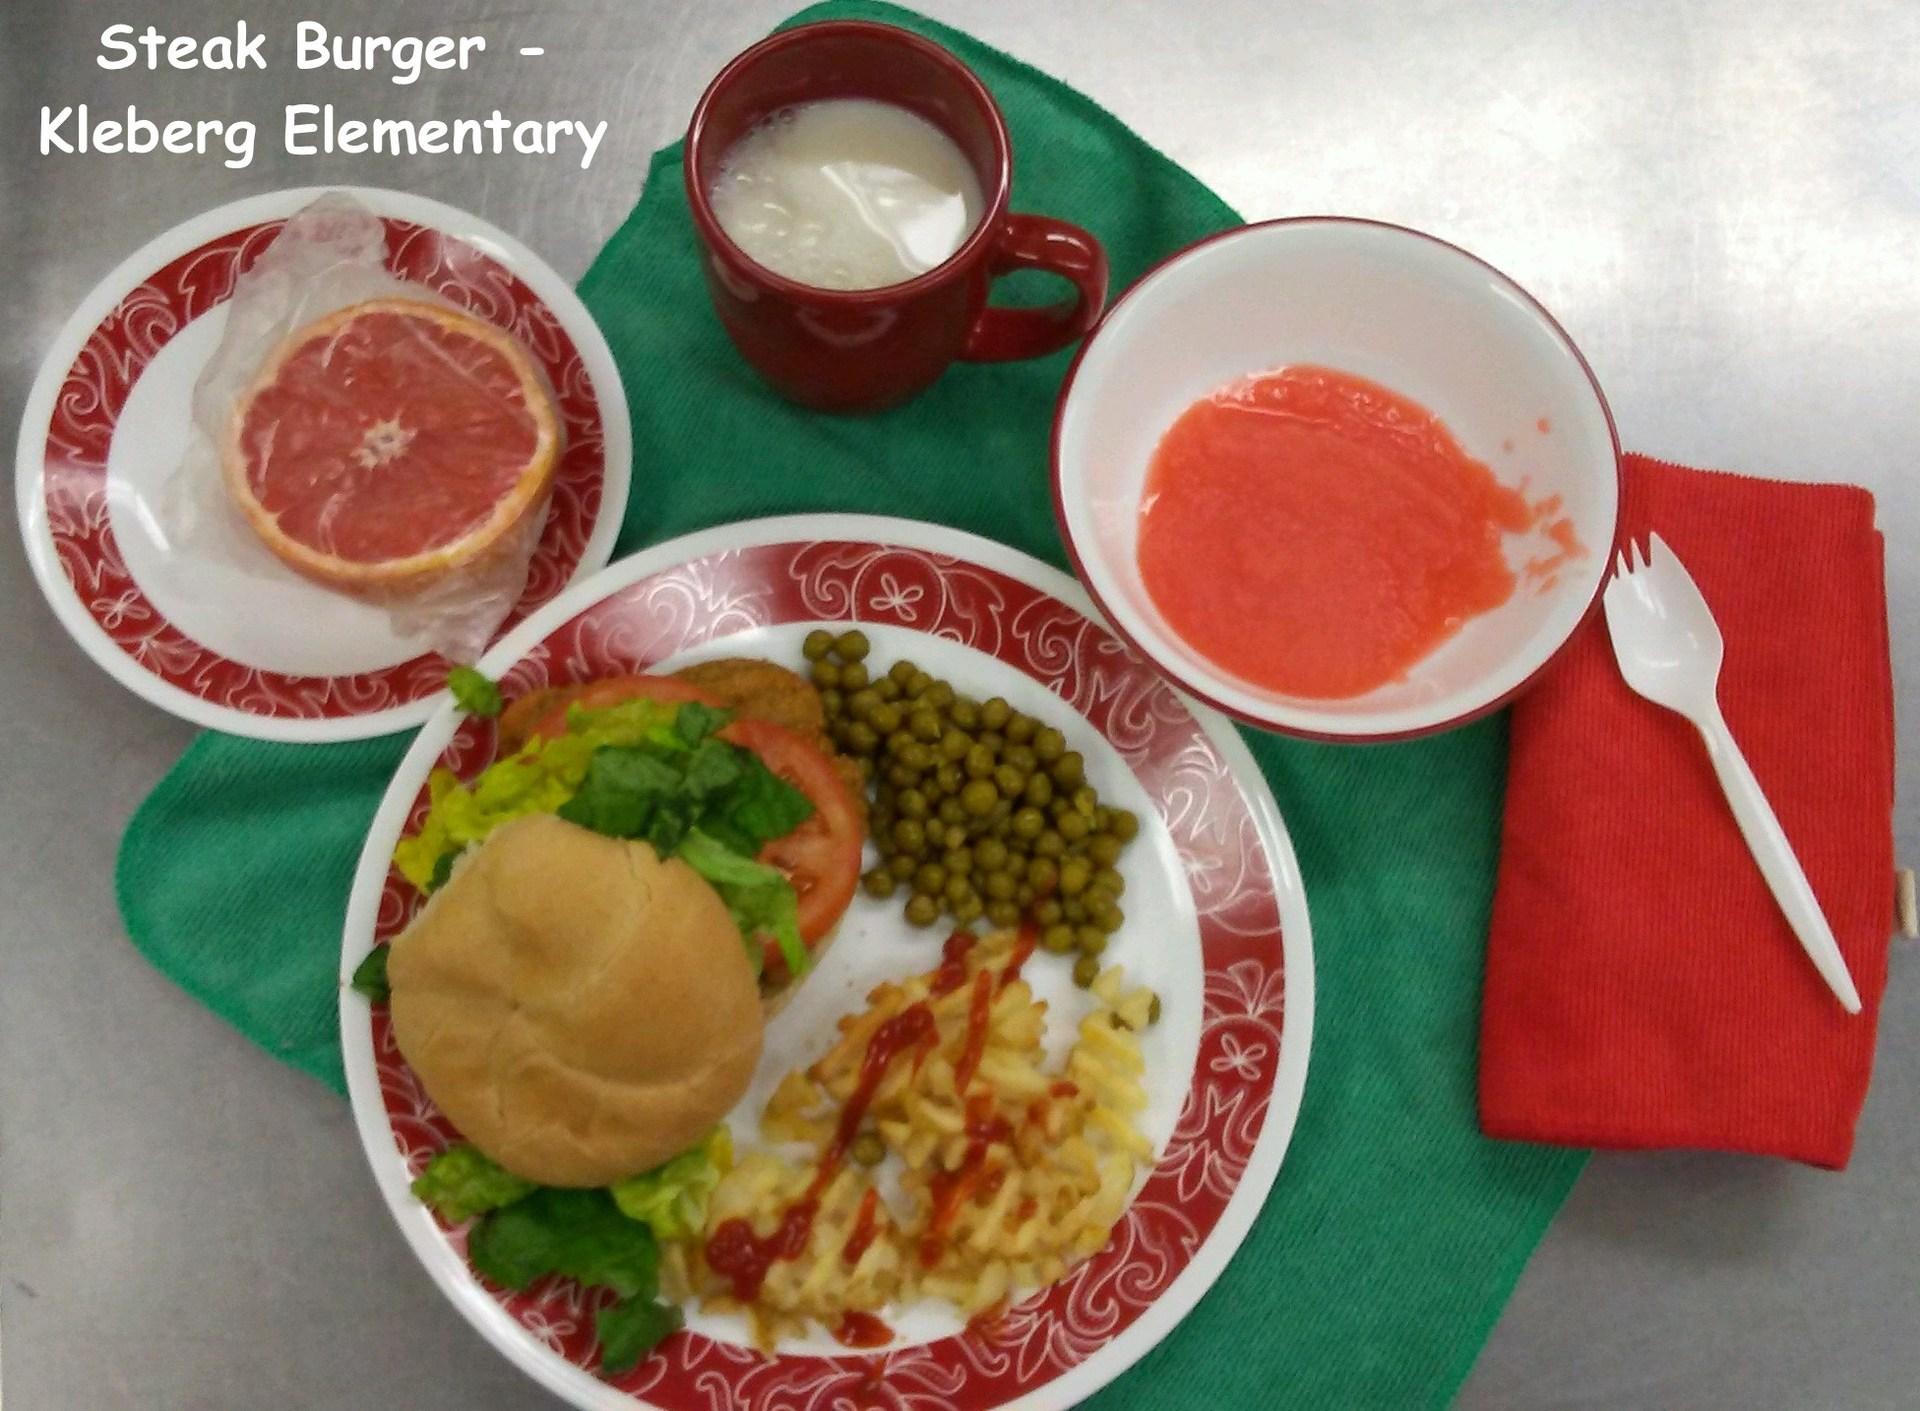 Steak Burger Image - Kleberg Elementary